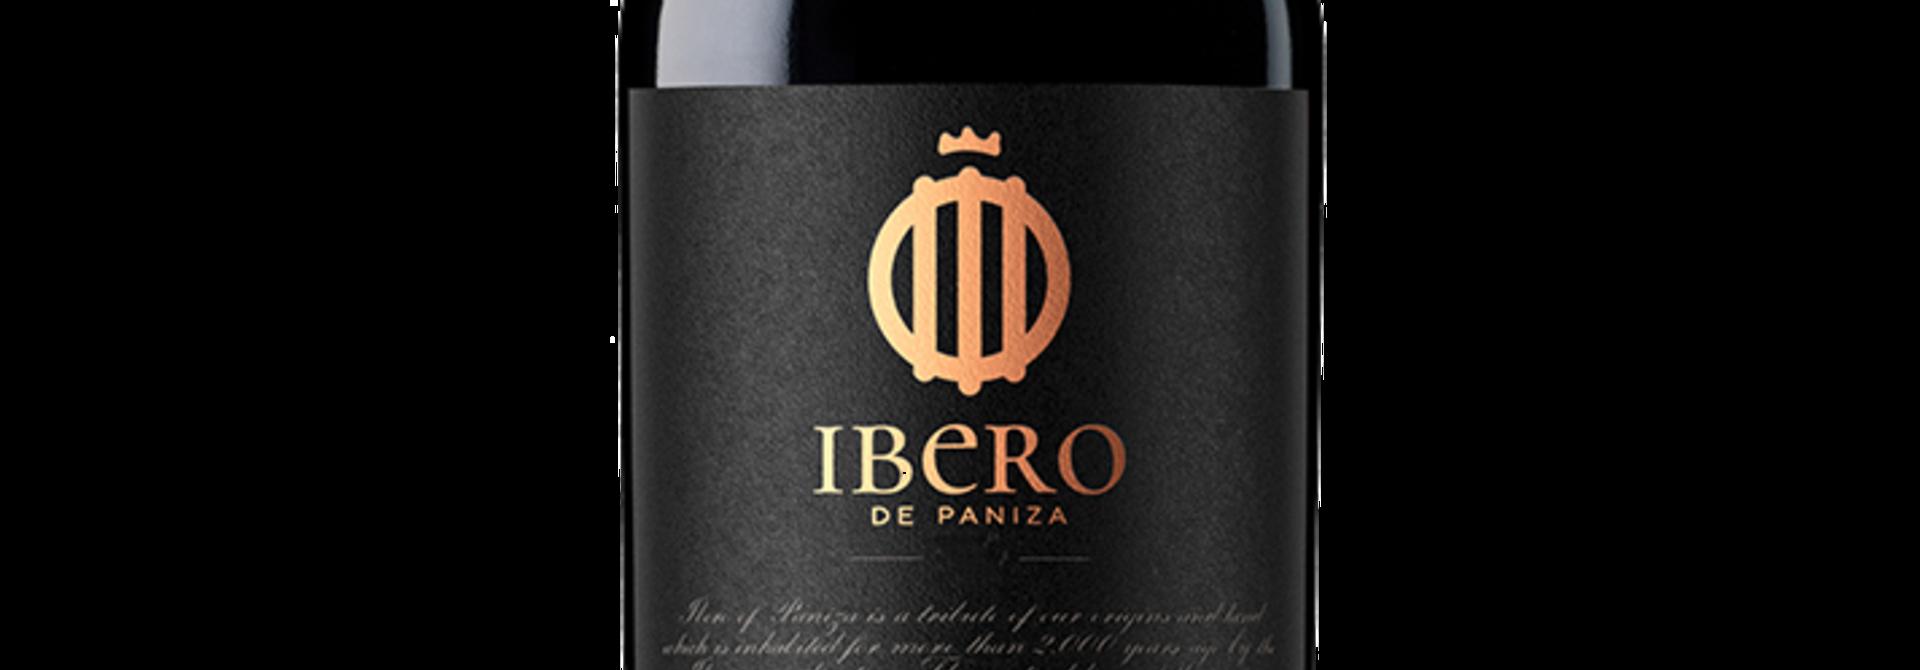 Ibero de Paniza II 2016